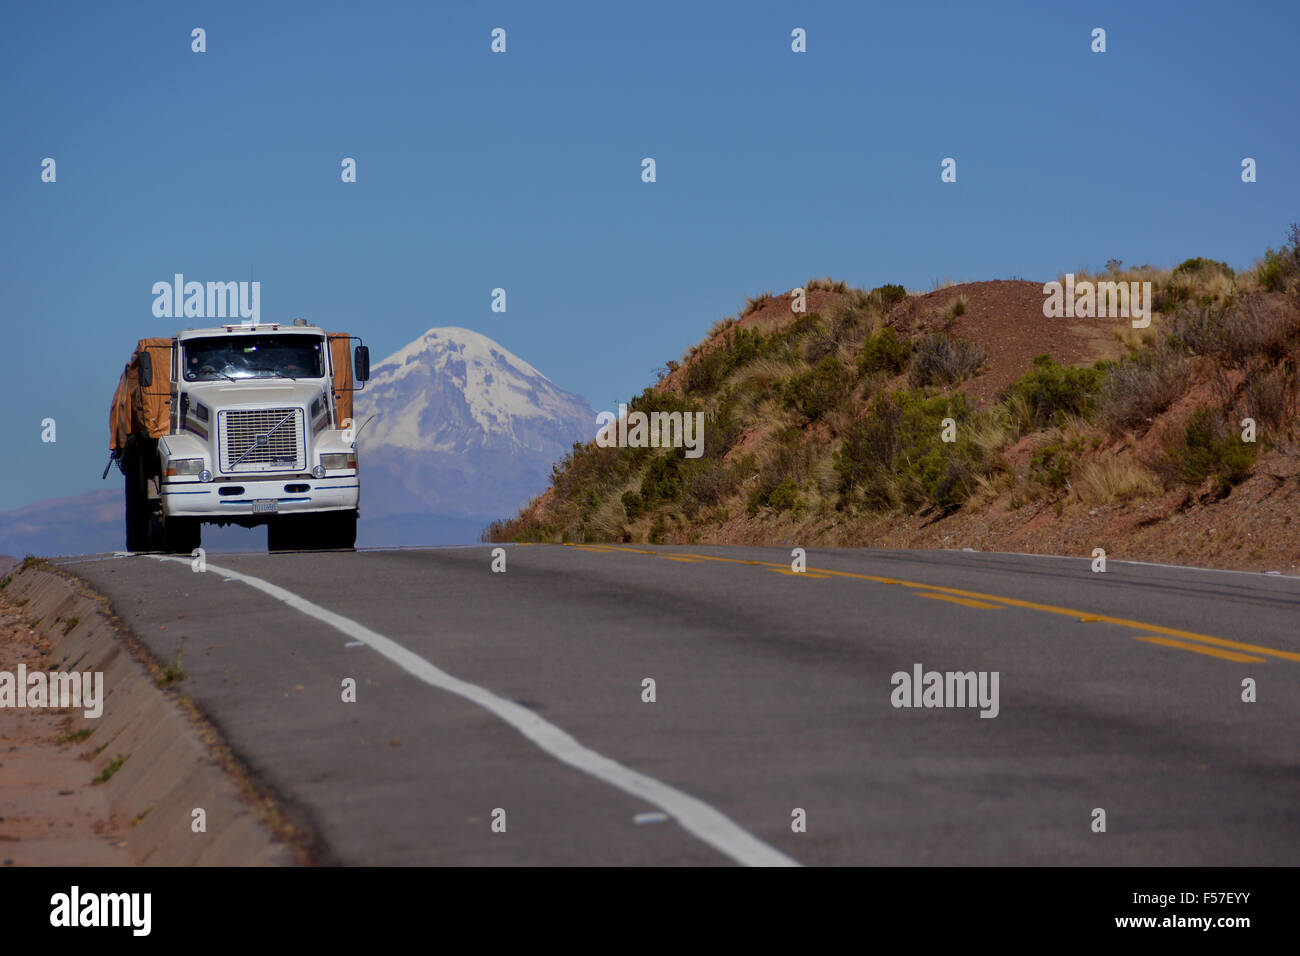 Lkw auf der Straße vor dem sajama Vulkan, Altiplano, Grenze zu Bolivien, Chile Stockbild